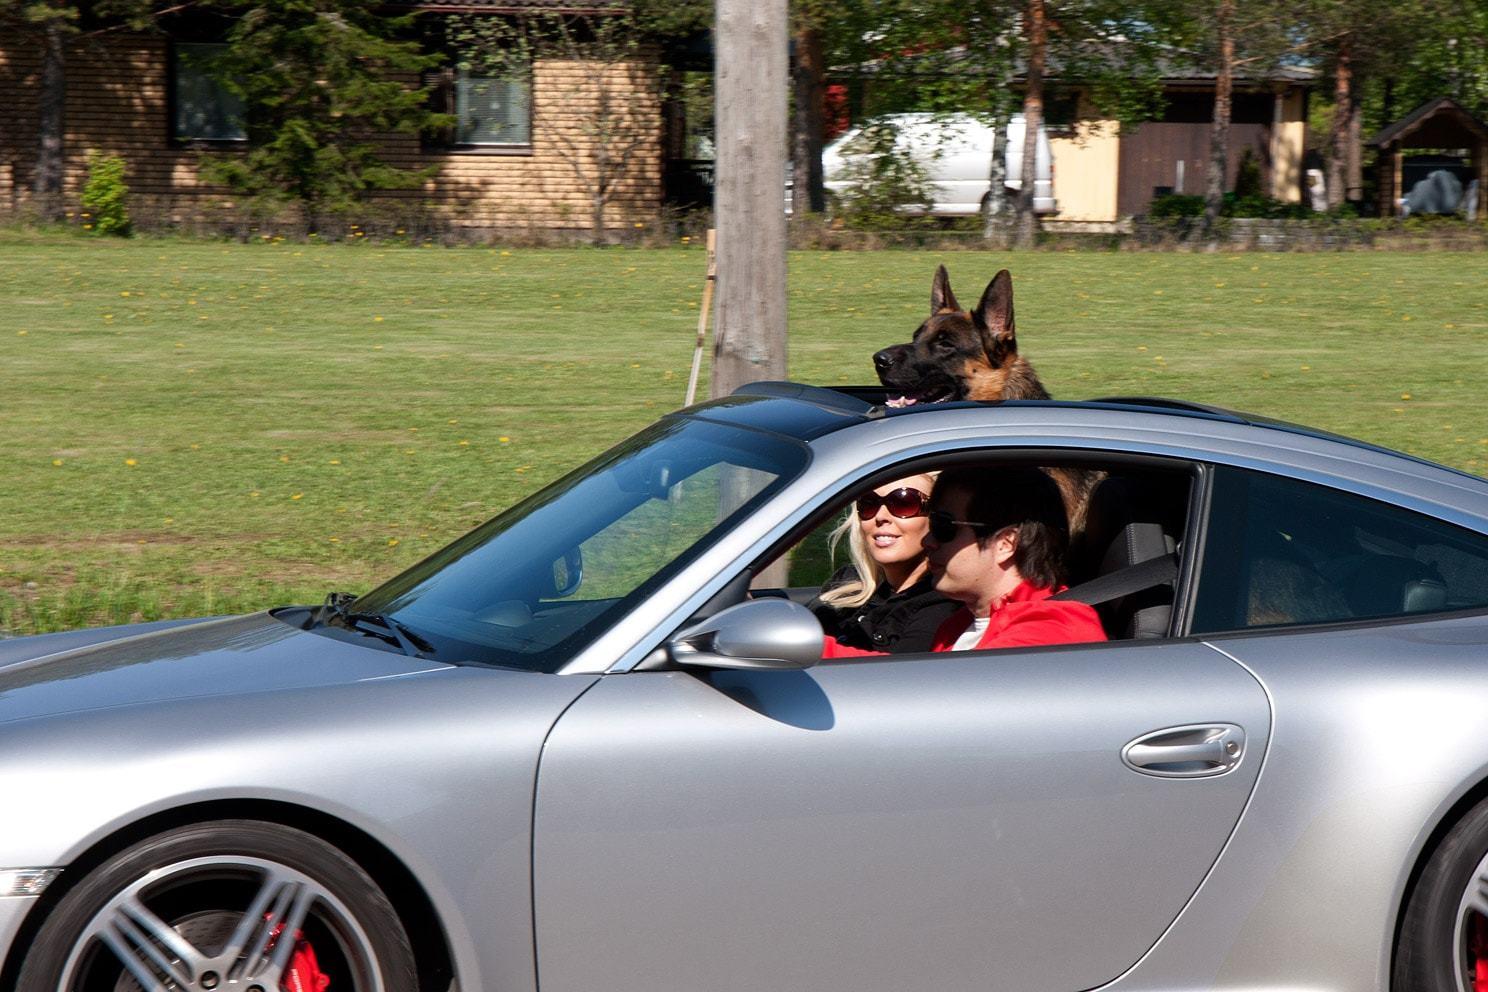 german shepherd after climbing up into nice car